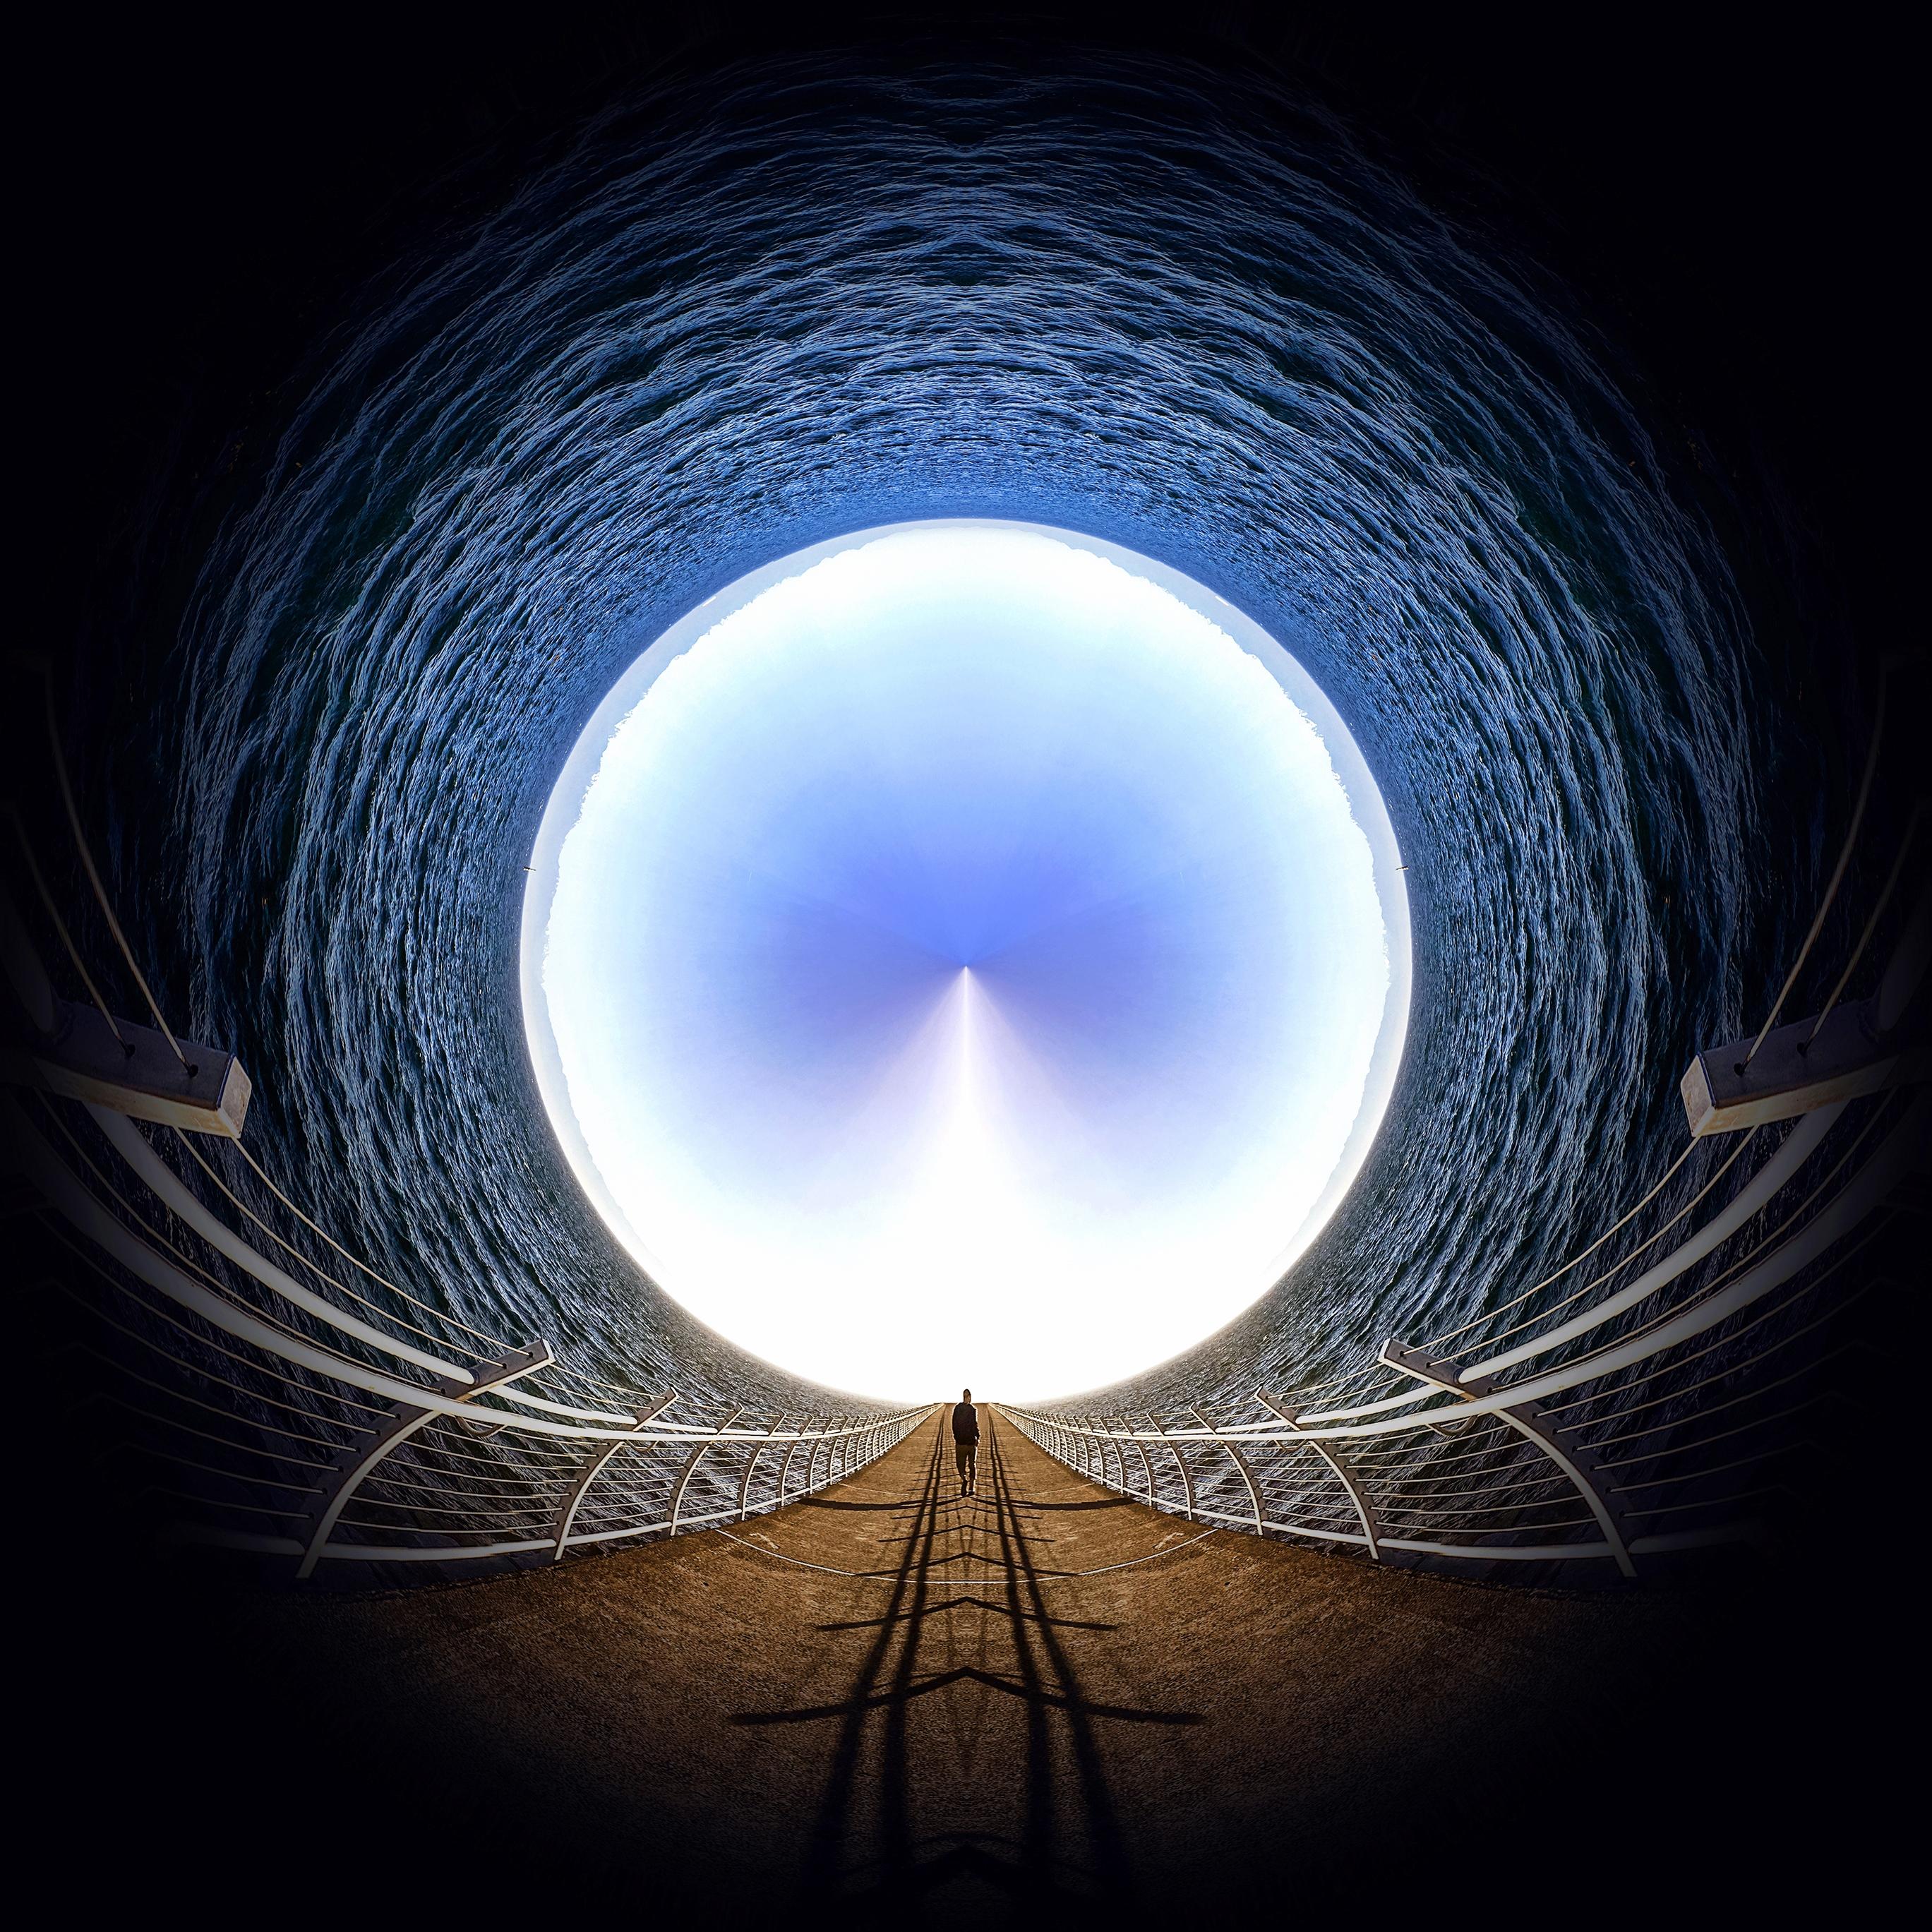 デスクトップ壁紙 日光 風景 人 日没 抽象 反射 空 道路 球 対称 青 イブニング ブリッジ 太陽 平方 サークル 雰囲気 パノラマ 夏 Iphone 桟橋 トンネル パス 歩く 出口 平静 色 穏やかな バブル 海洋